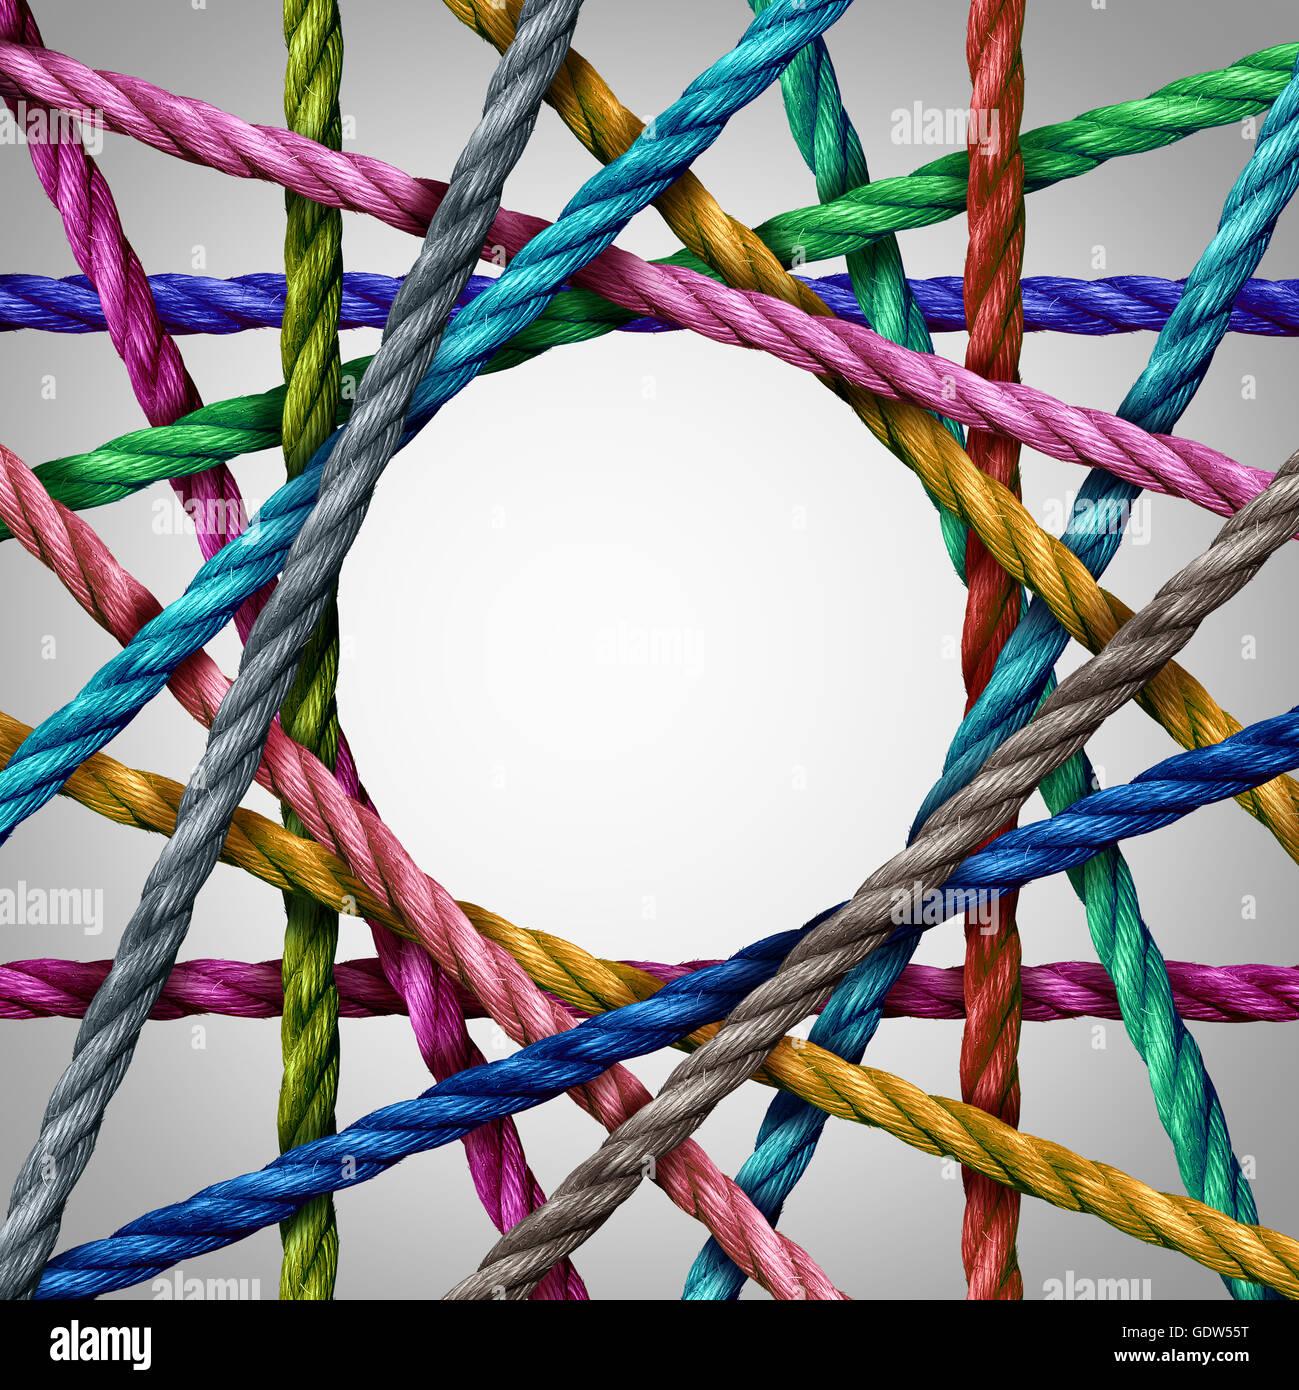 Divesisty und Kreis geformt Gruppe von Seilen, die Schaffung einer zentralisierten Kreisform als ein Connect-Konzept Stockbild